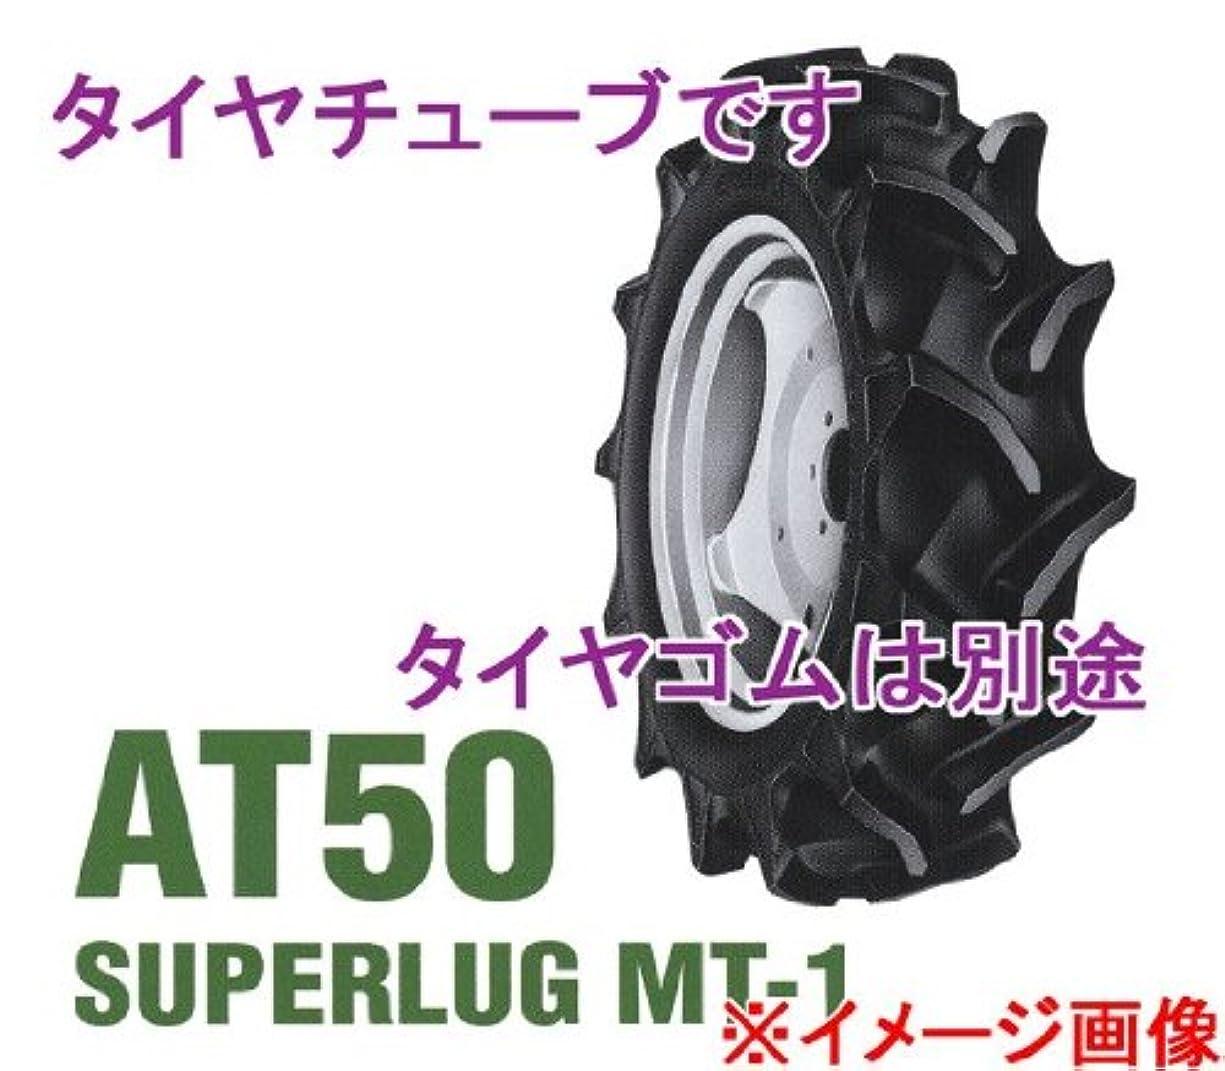 無臭断片小麦粉ファルケン トラクタ用タイヤチューブ   適応タイヤ: AT50 8.3-22 4PR